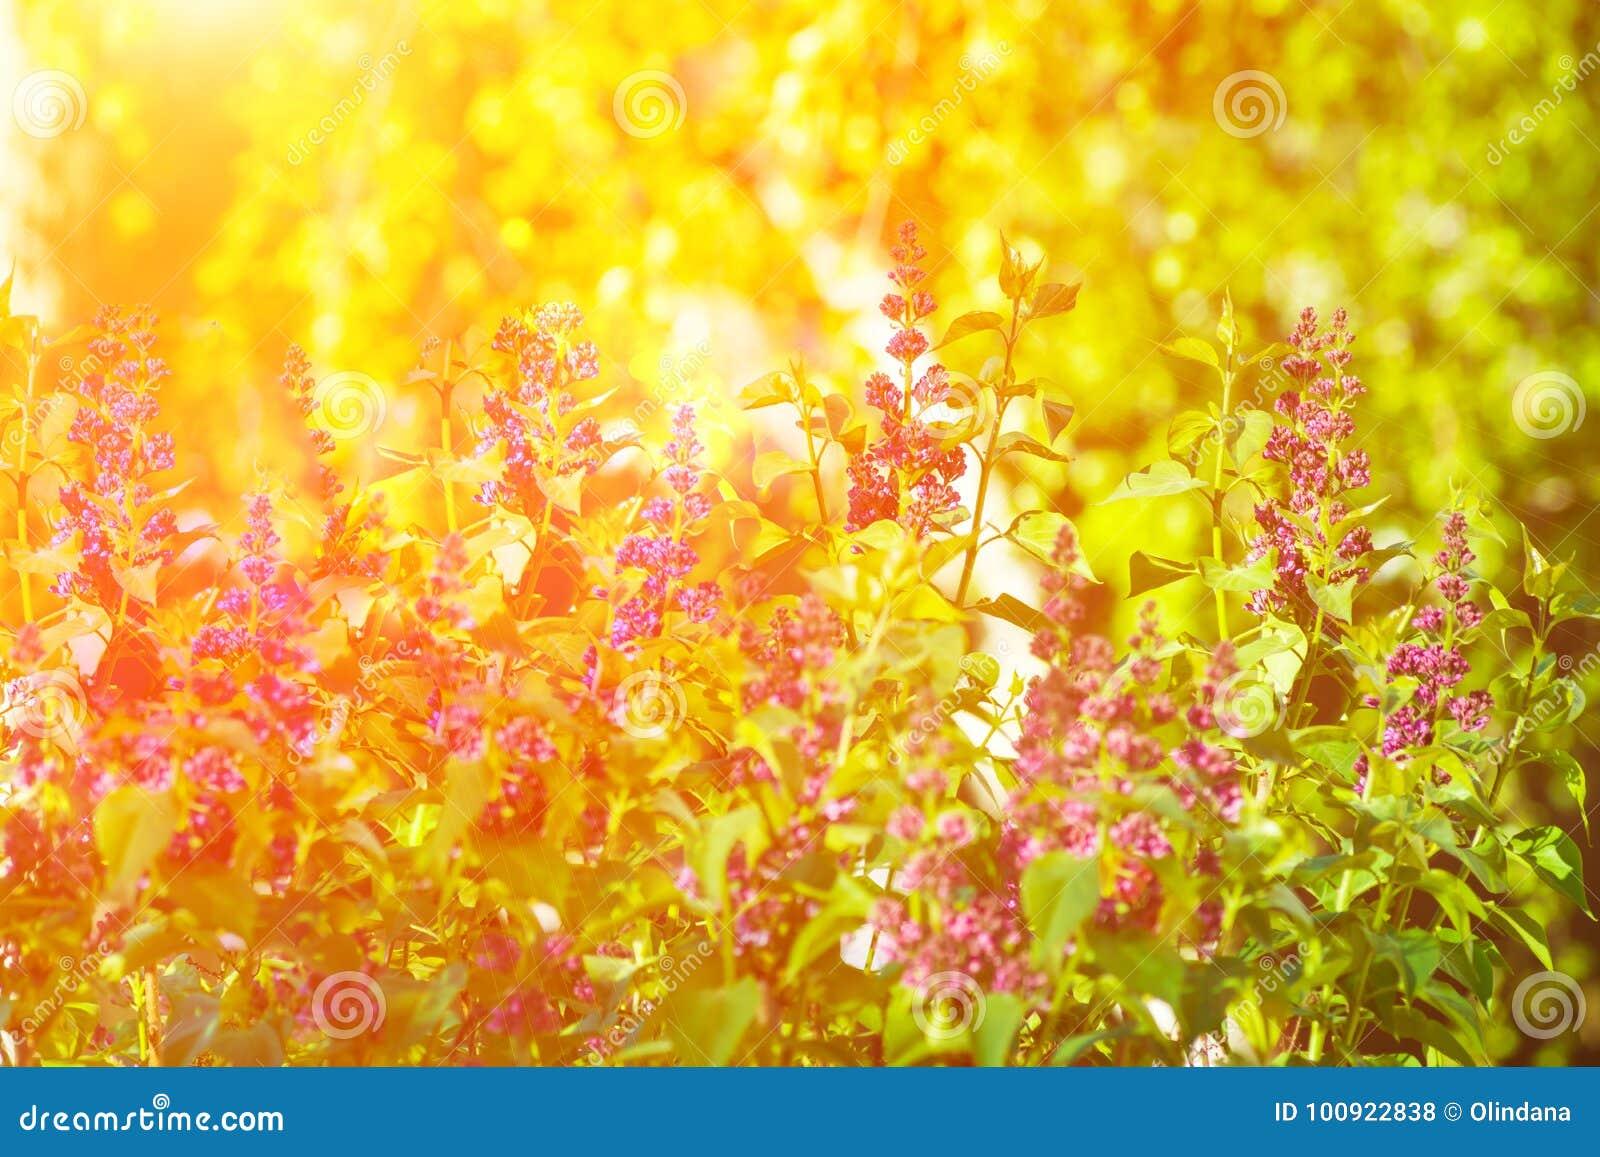 Bush lilla nella luce solare dorata Forest Meadow Tranquility del bello del fiore di ora legale di primavera fogliame verde vibra